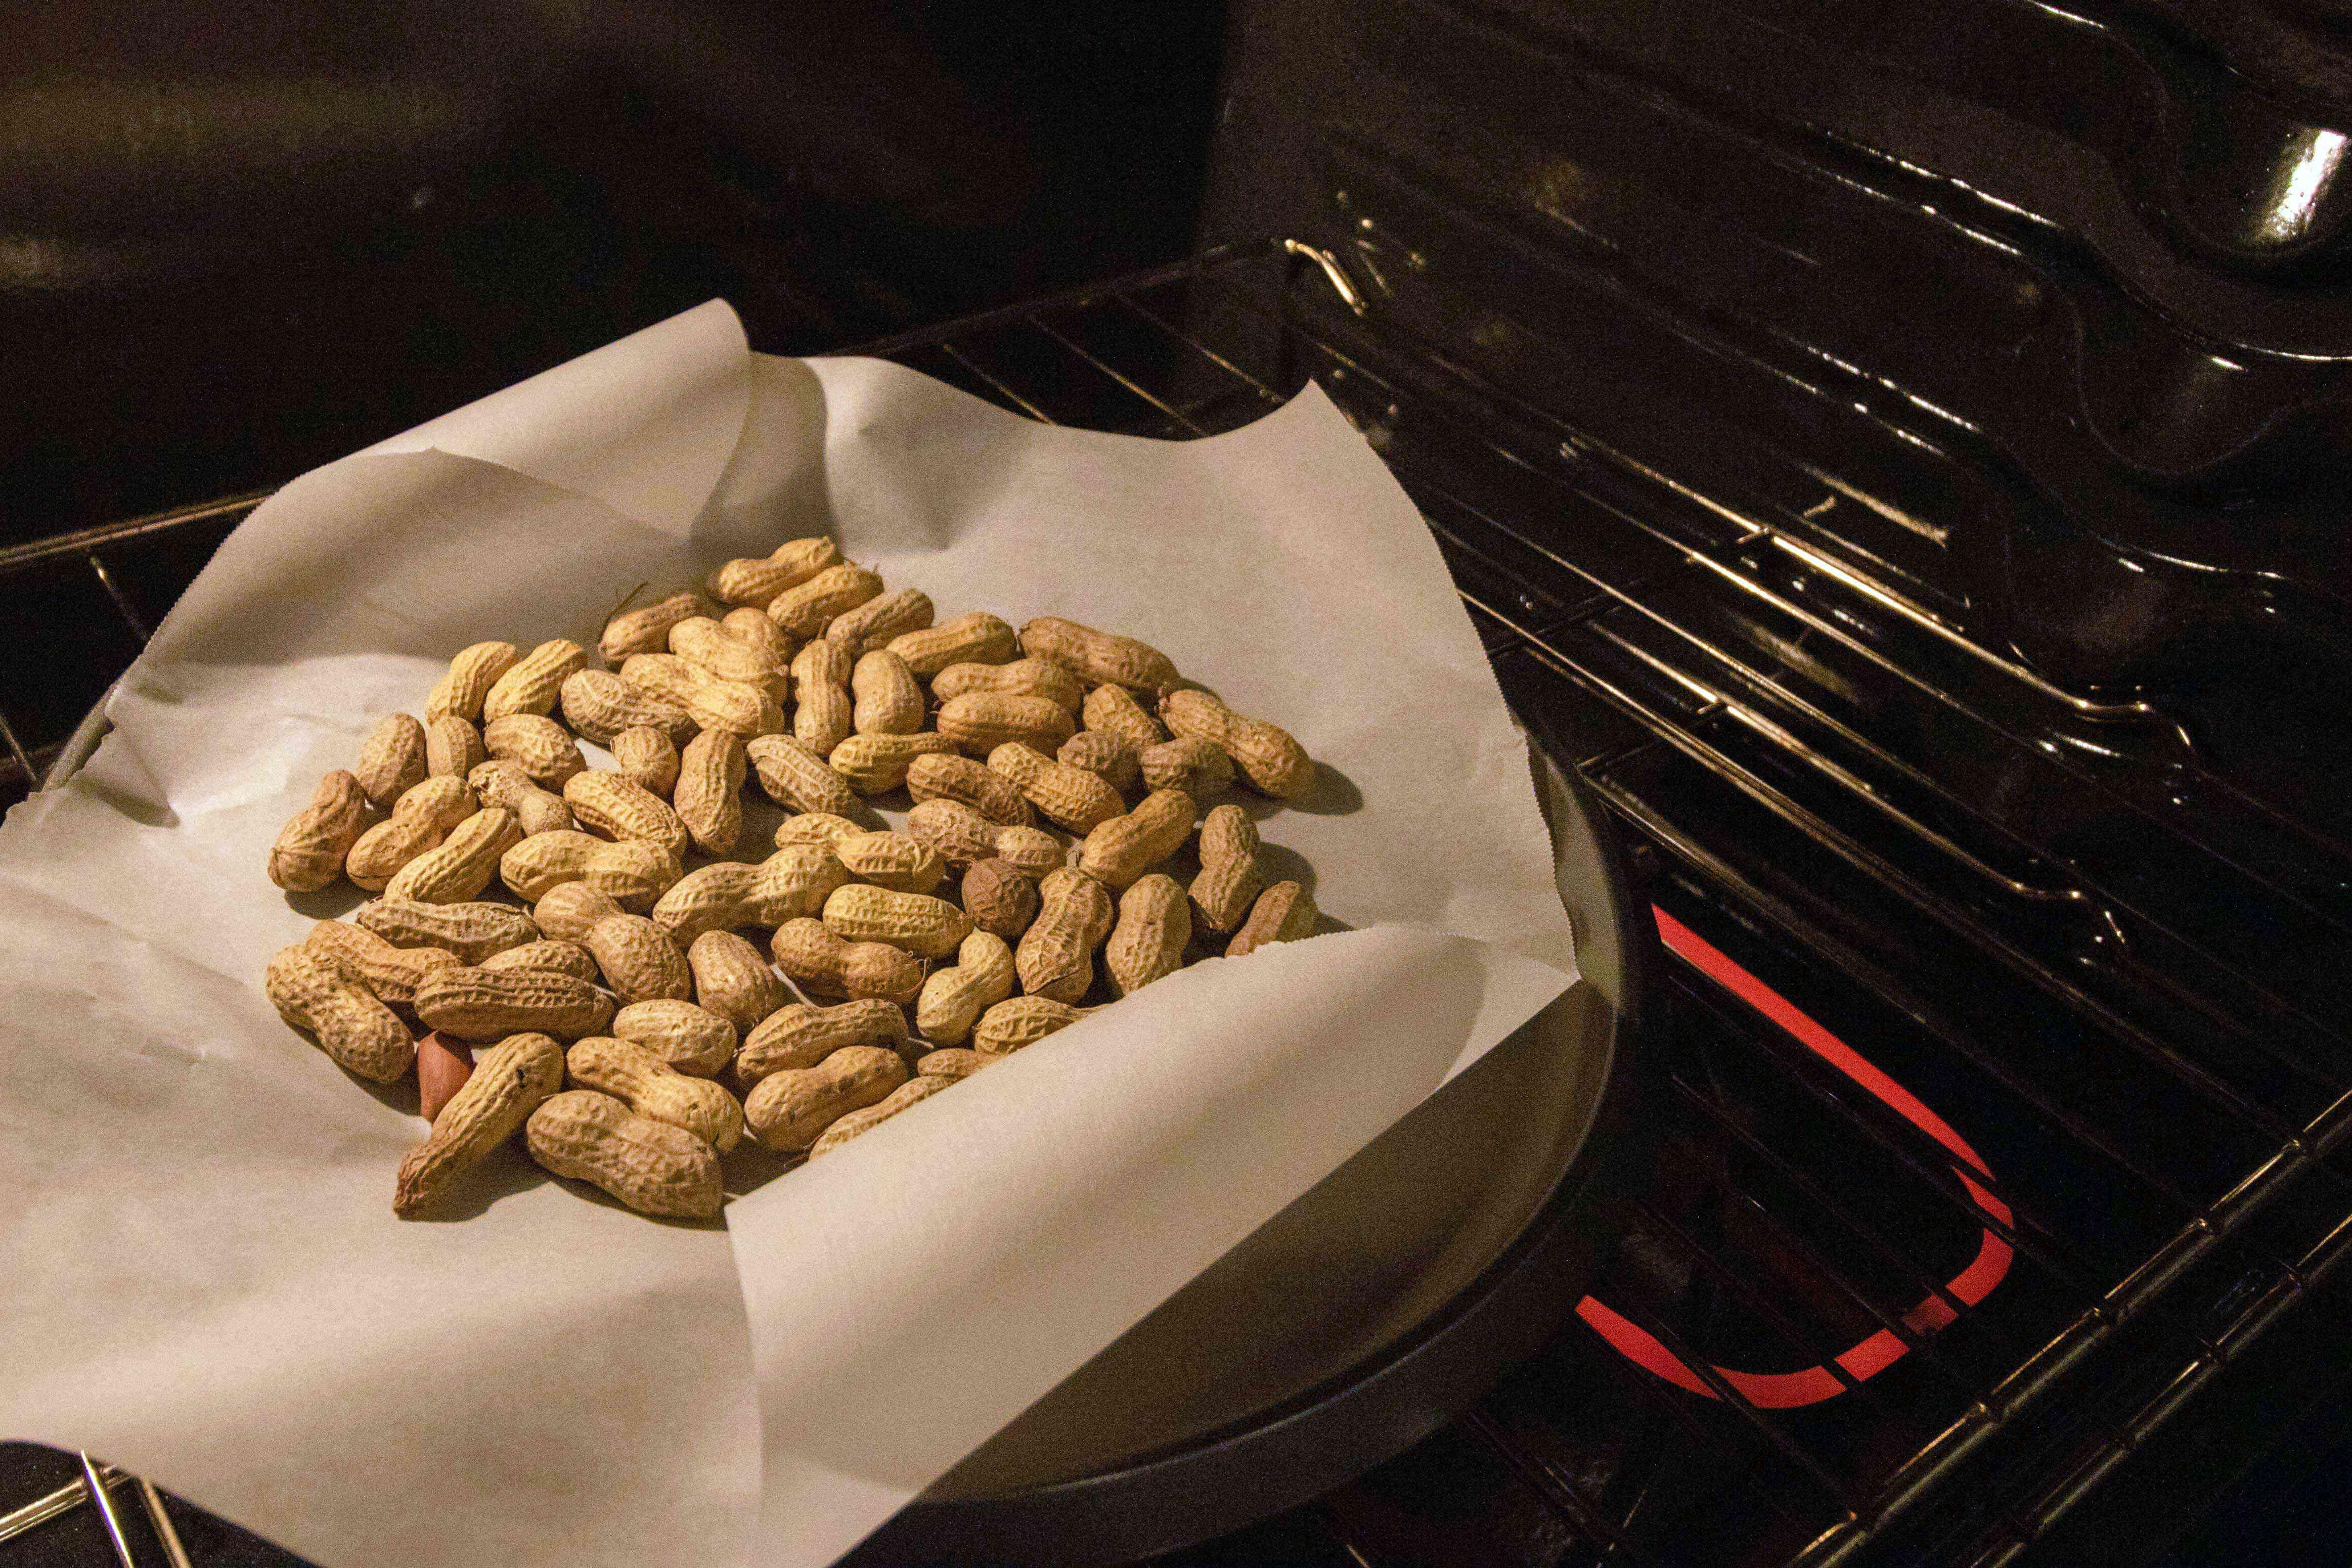 freshly harvested peanuts are baking in open oven door